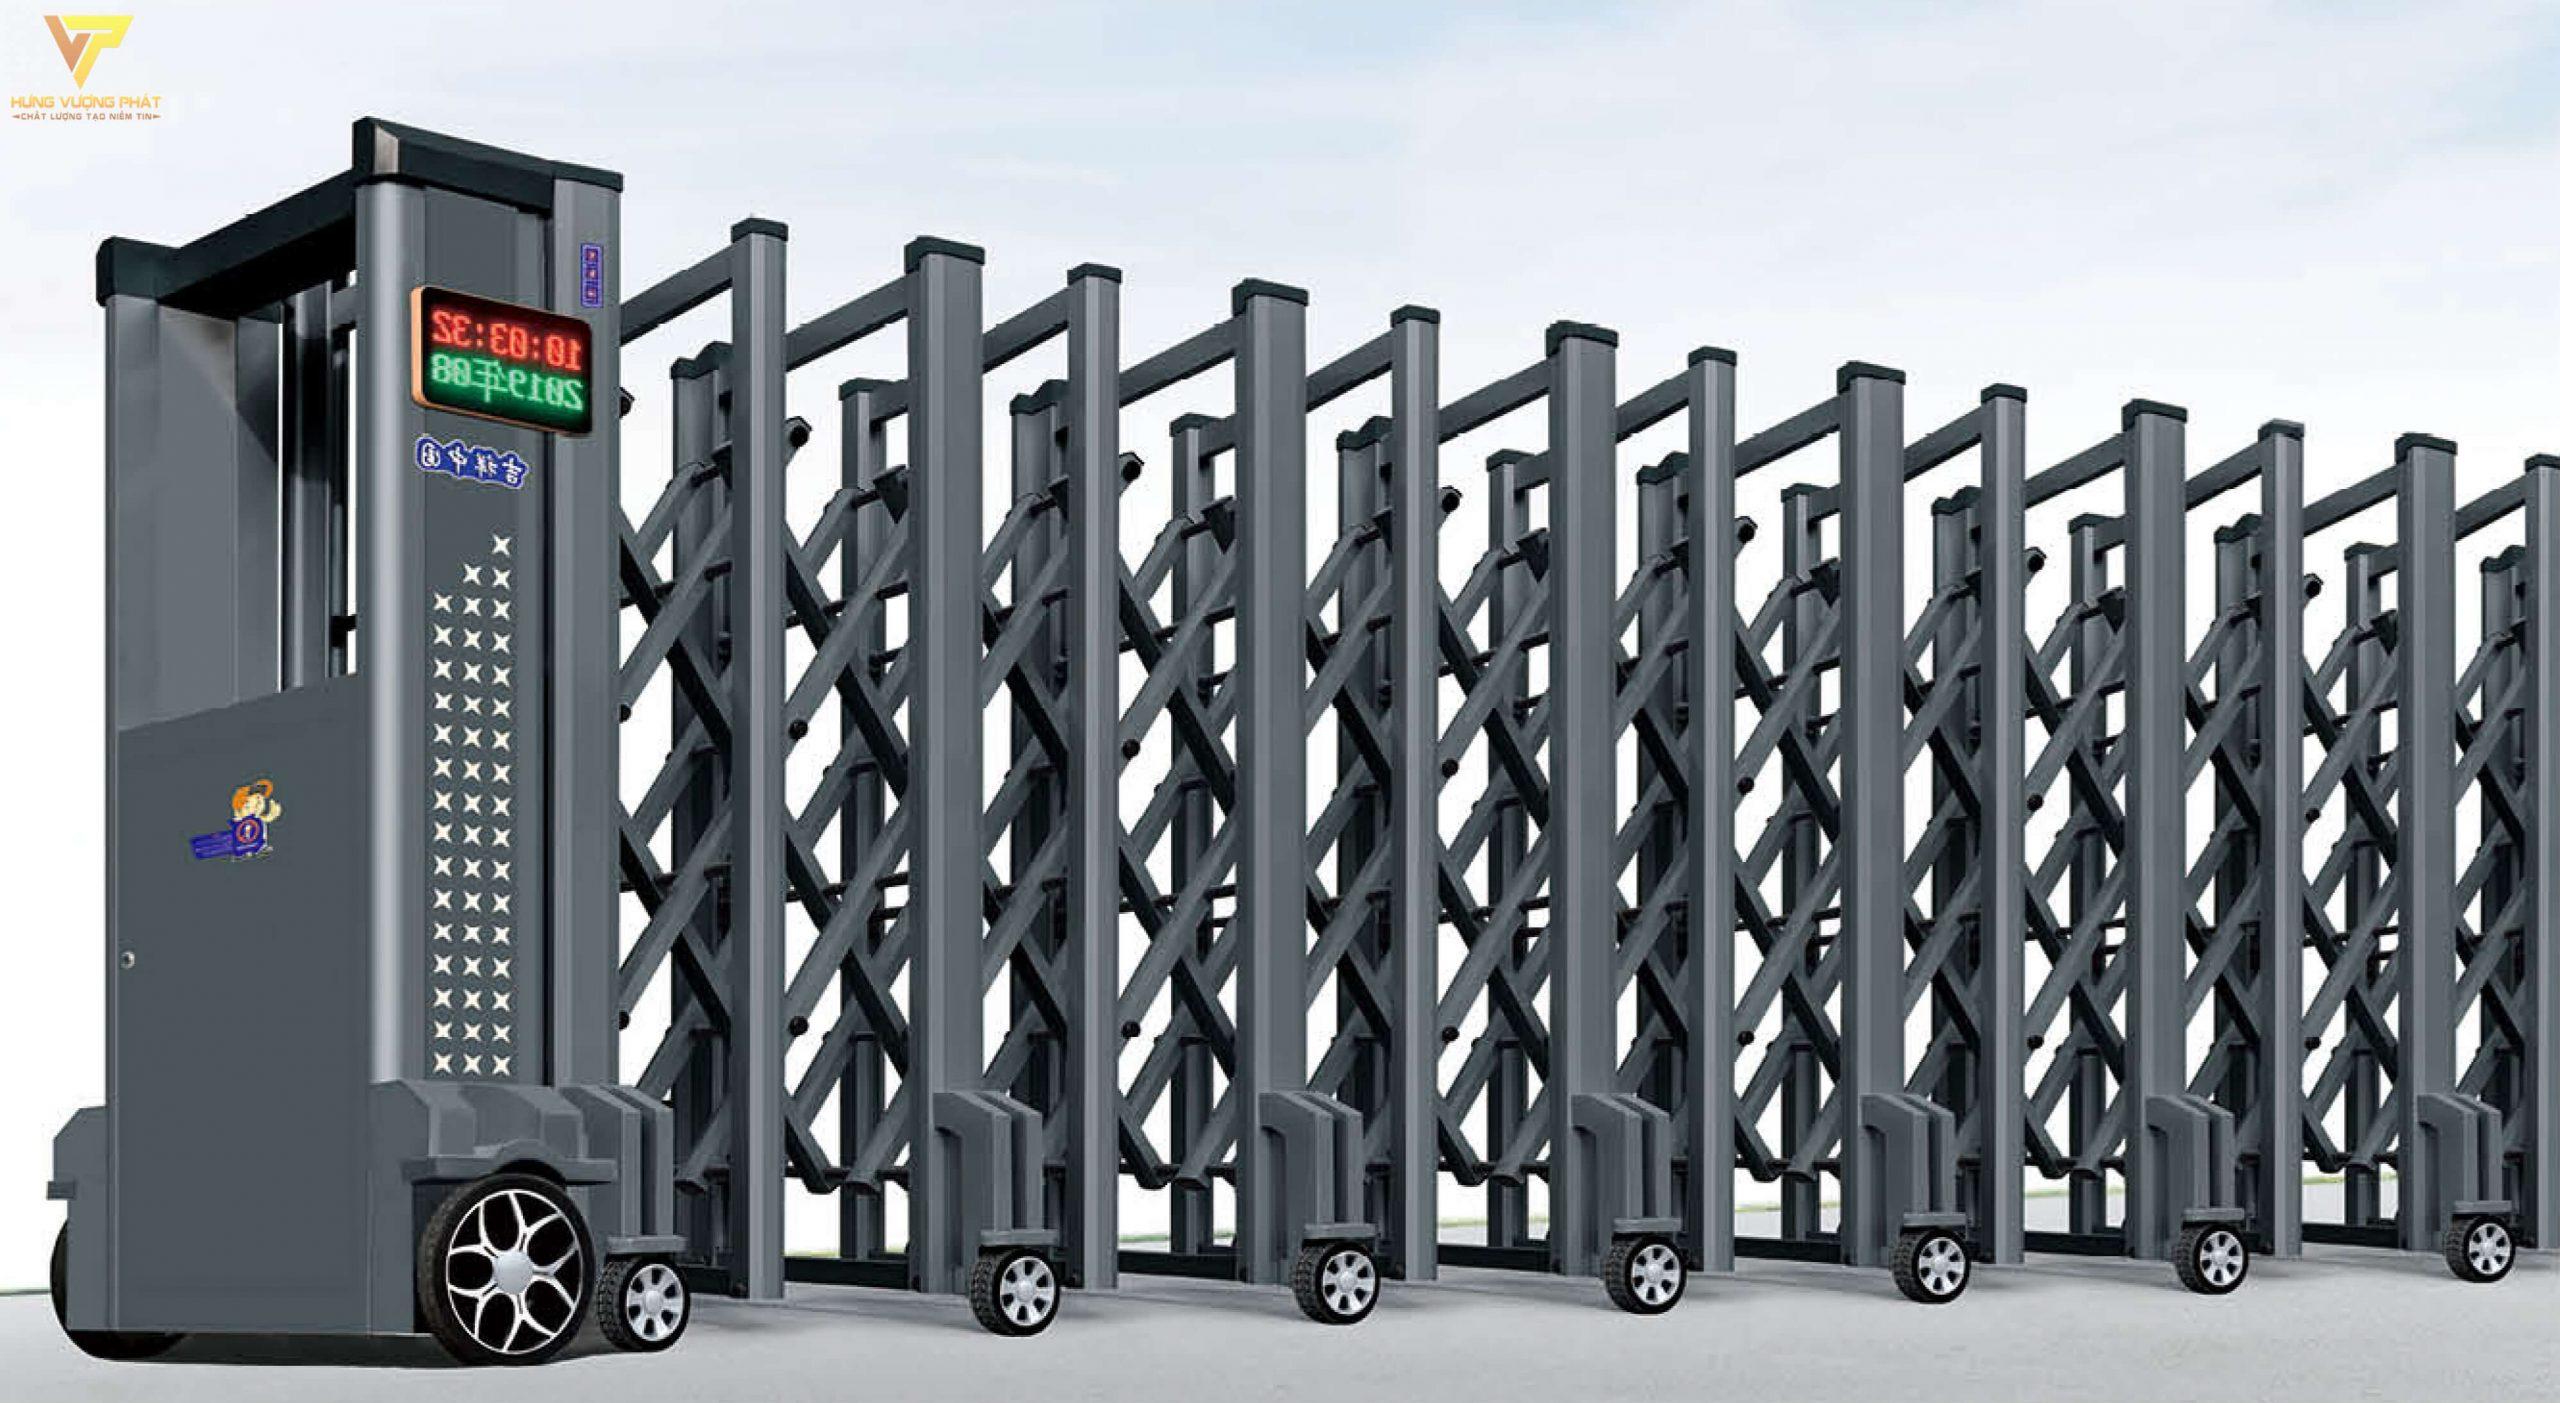 Cổng xếp hợp kim nhôm chạy điện tự động HN16